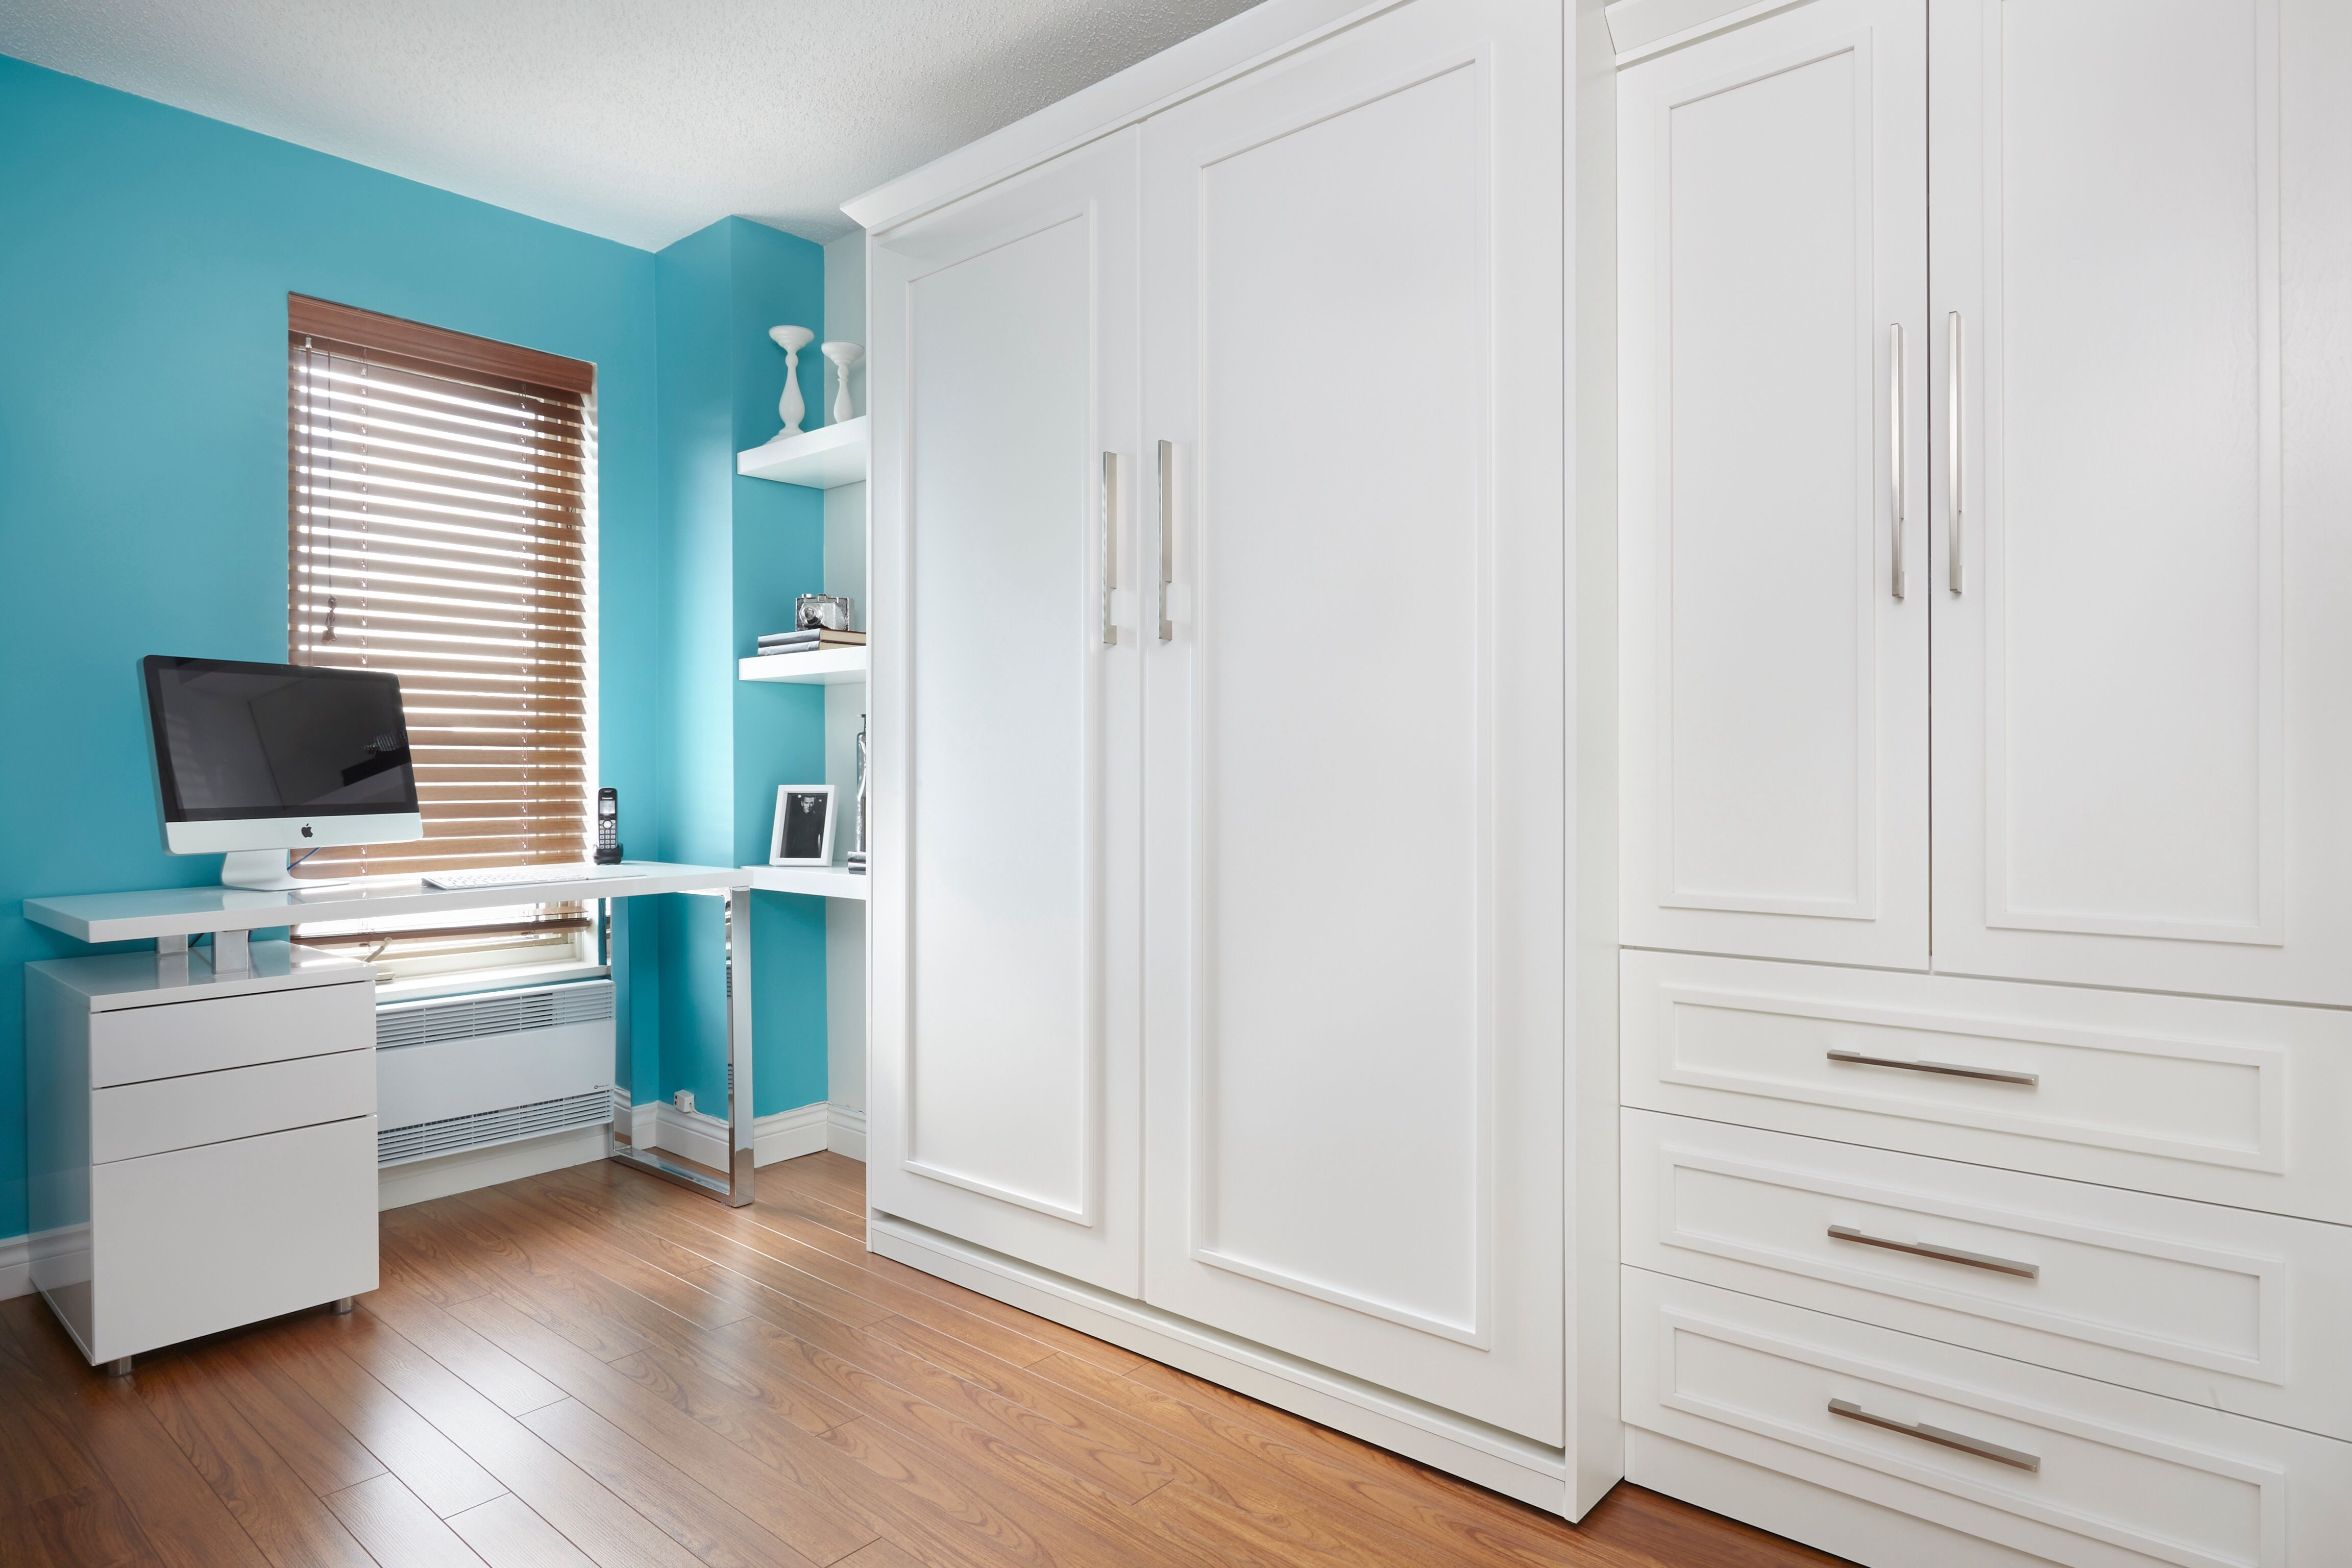 Lit Mural En Bois Lacque Blanc Integre Avec Un Bureau De Chez Structube Guest Room Office Tall Cabinet Storage Home